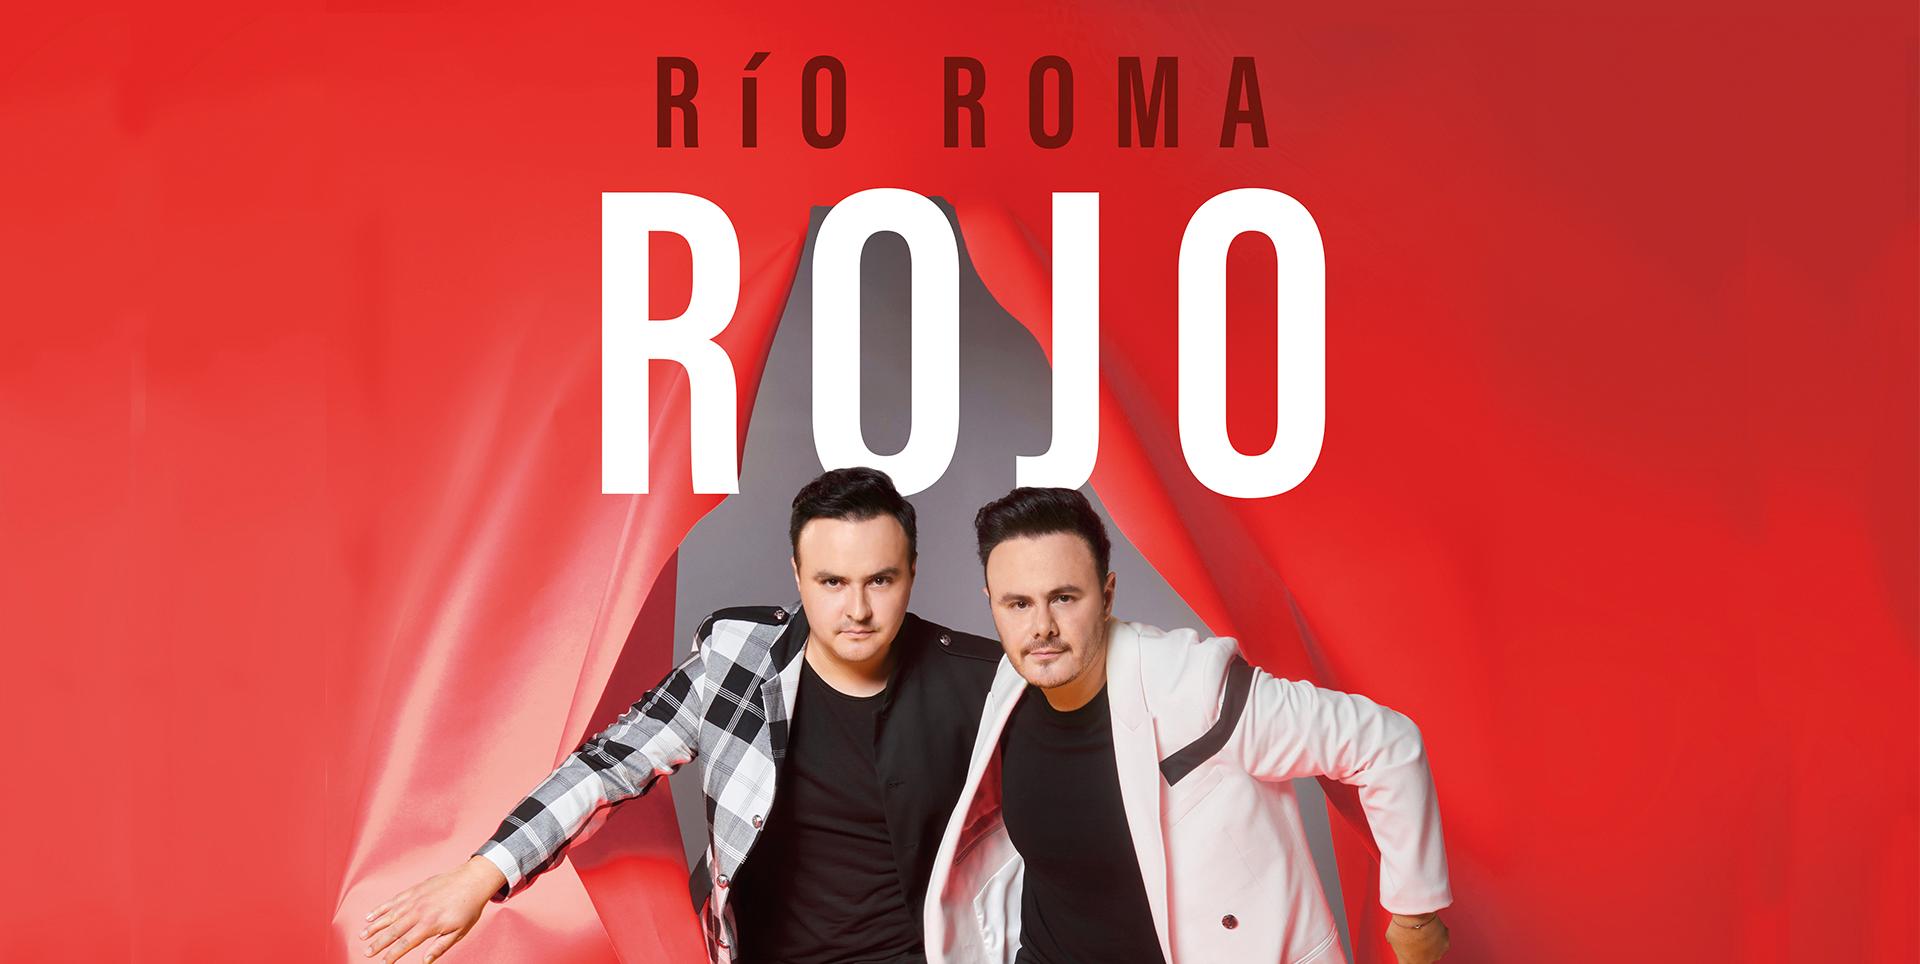 Río Roma - Rojo